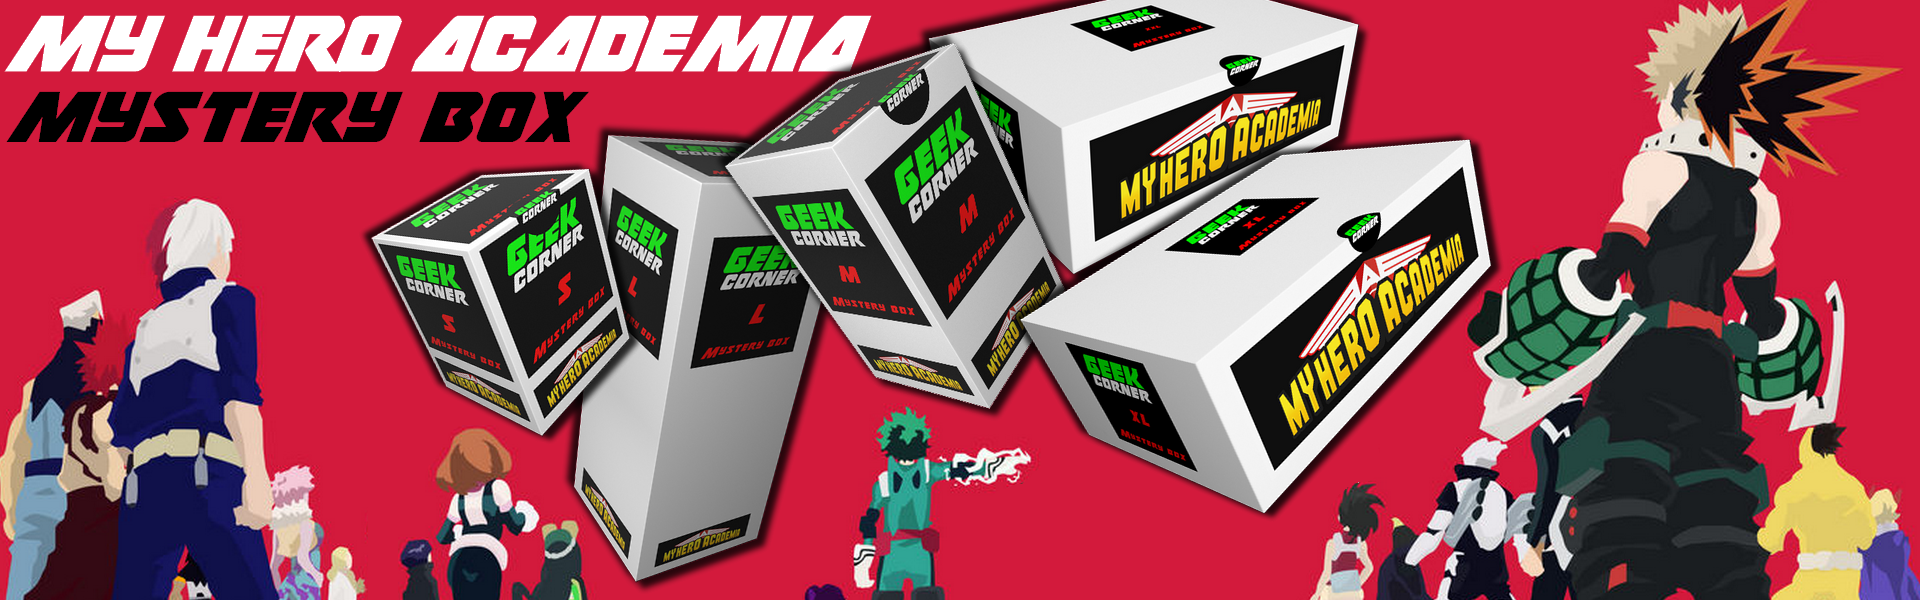 MY hero academia mystery boxok